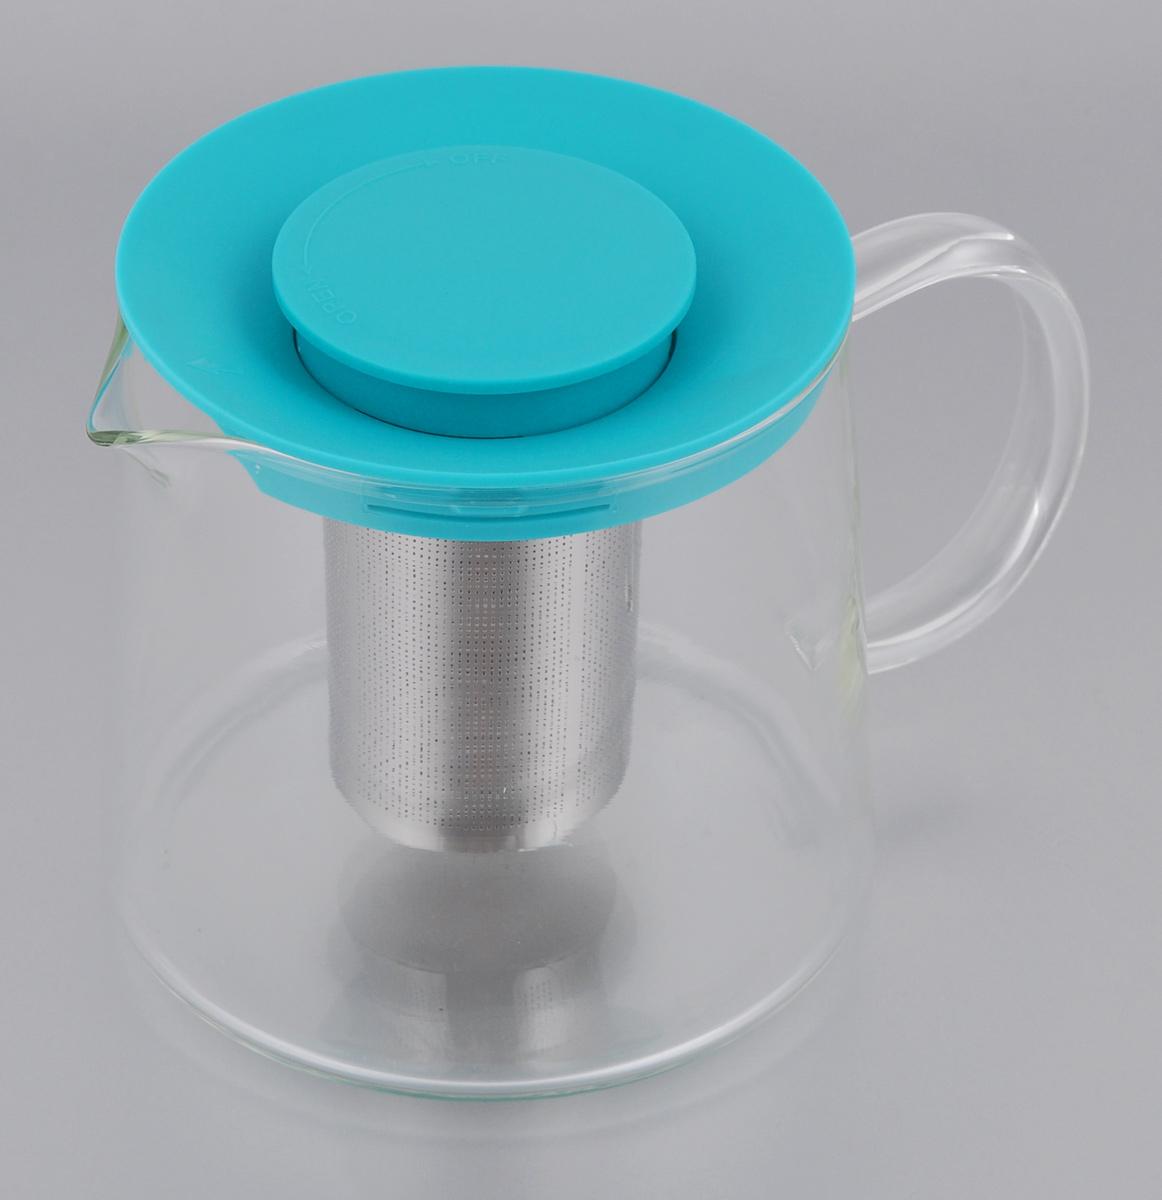 Чайник Идея Камилла, цвет: бирюзовый, прозрачный, 1 лKML-01_бирюзовыйЧайник Идея Камилла прекрасно подходит для заваривания чая, кофе и травяных настоев. Чайник изготовлен из высококачественного жаропрочного стекла, оснащен металлическим фильтром и пластиковой крышкой. Основные достоинства чайника: - возможность регулировать время заваривания, - возможность комбинировать напиток с различными наполнителями (специи, травы), - возможность подогрева напитка на газовой плите (при 180°С). Диаметр (по верхнему краю): 11 см. Диаметр основания: 12,5 см. Высота фильтра: 8 см. Высота чайника: 11,5 см.